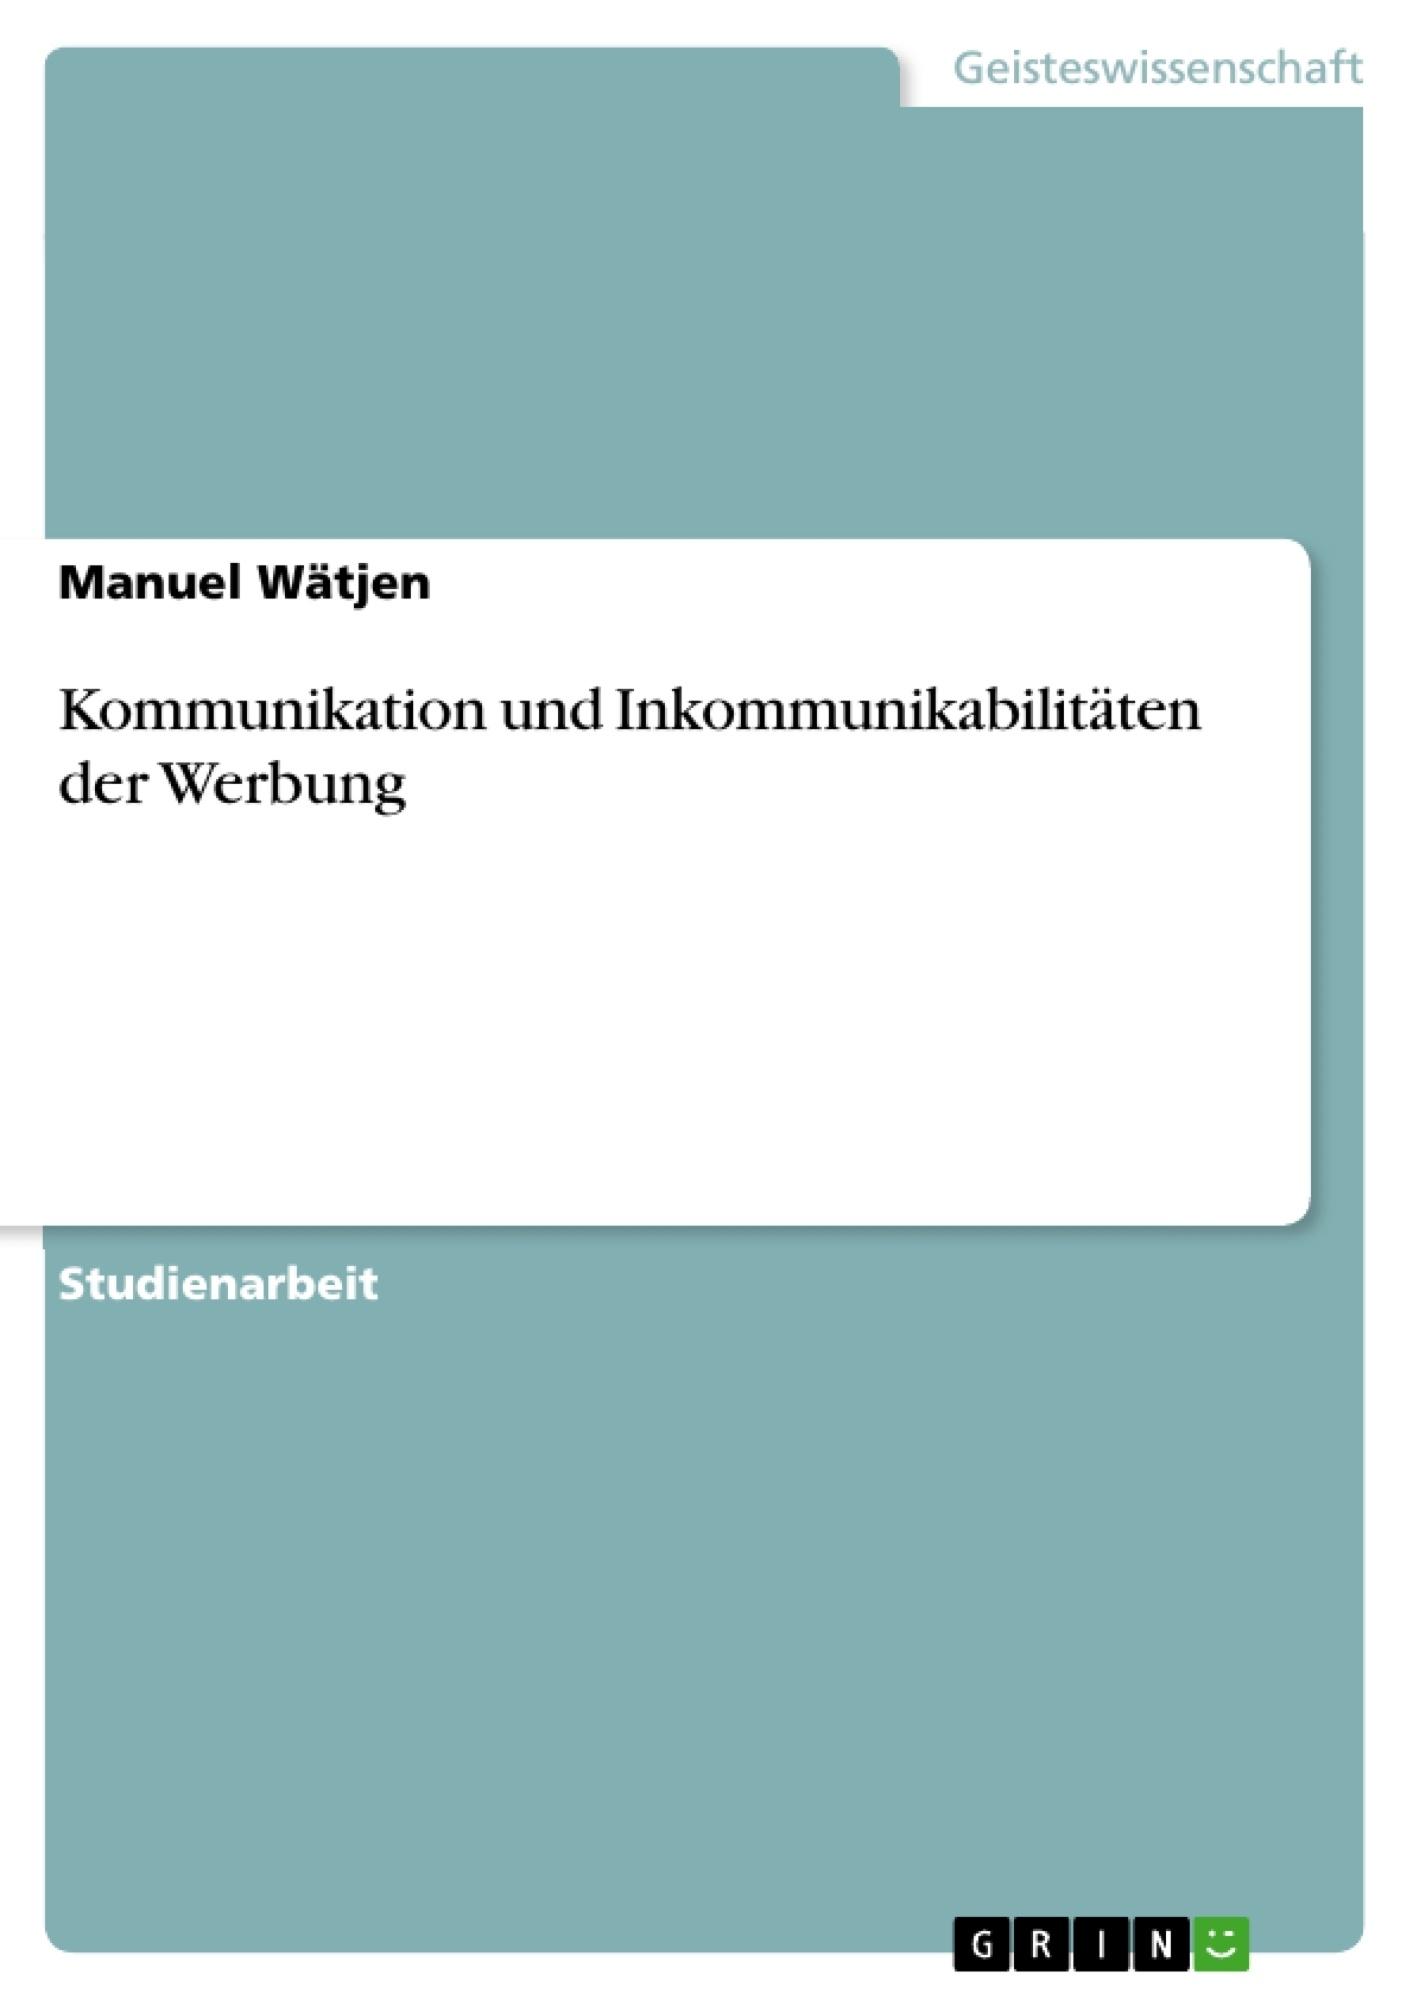 Titel: Kommunikation und Inkommunikabilitäten der Werbung